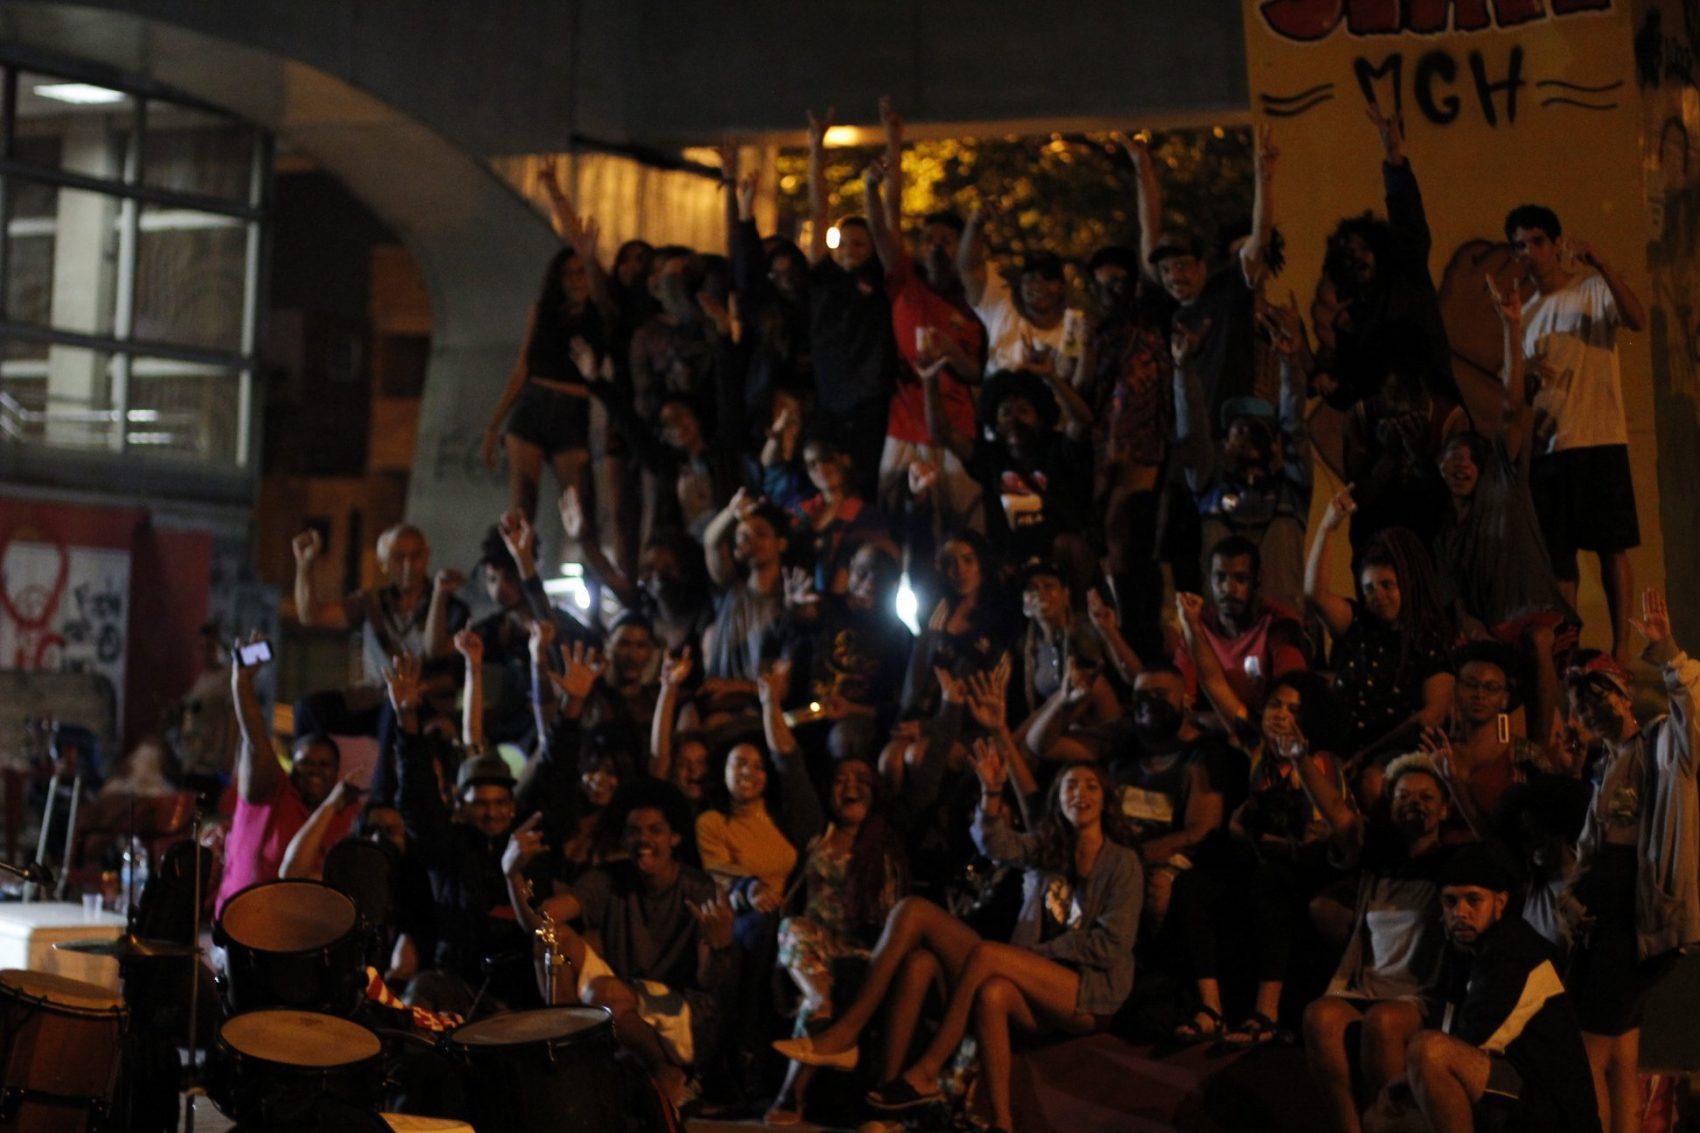 Praça da estação de trem cheia para acompanhar o Slam Manguinhos: batalhas poéticas se espalham pelo Rio de Janeiro (Foto: Franciele Campos/Slam Manguinhos)